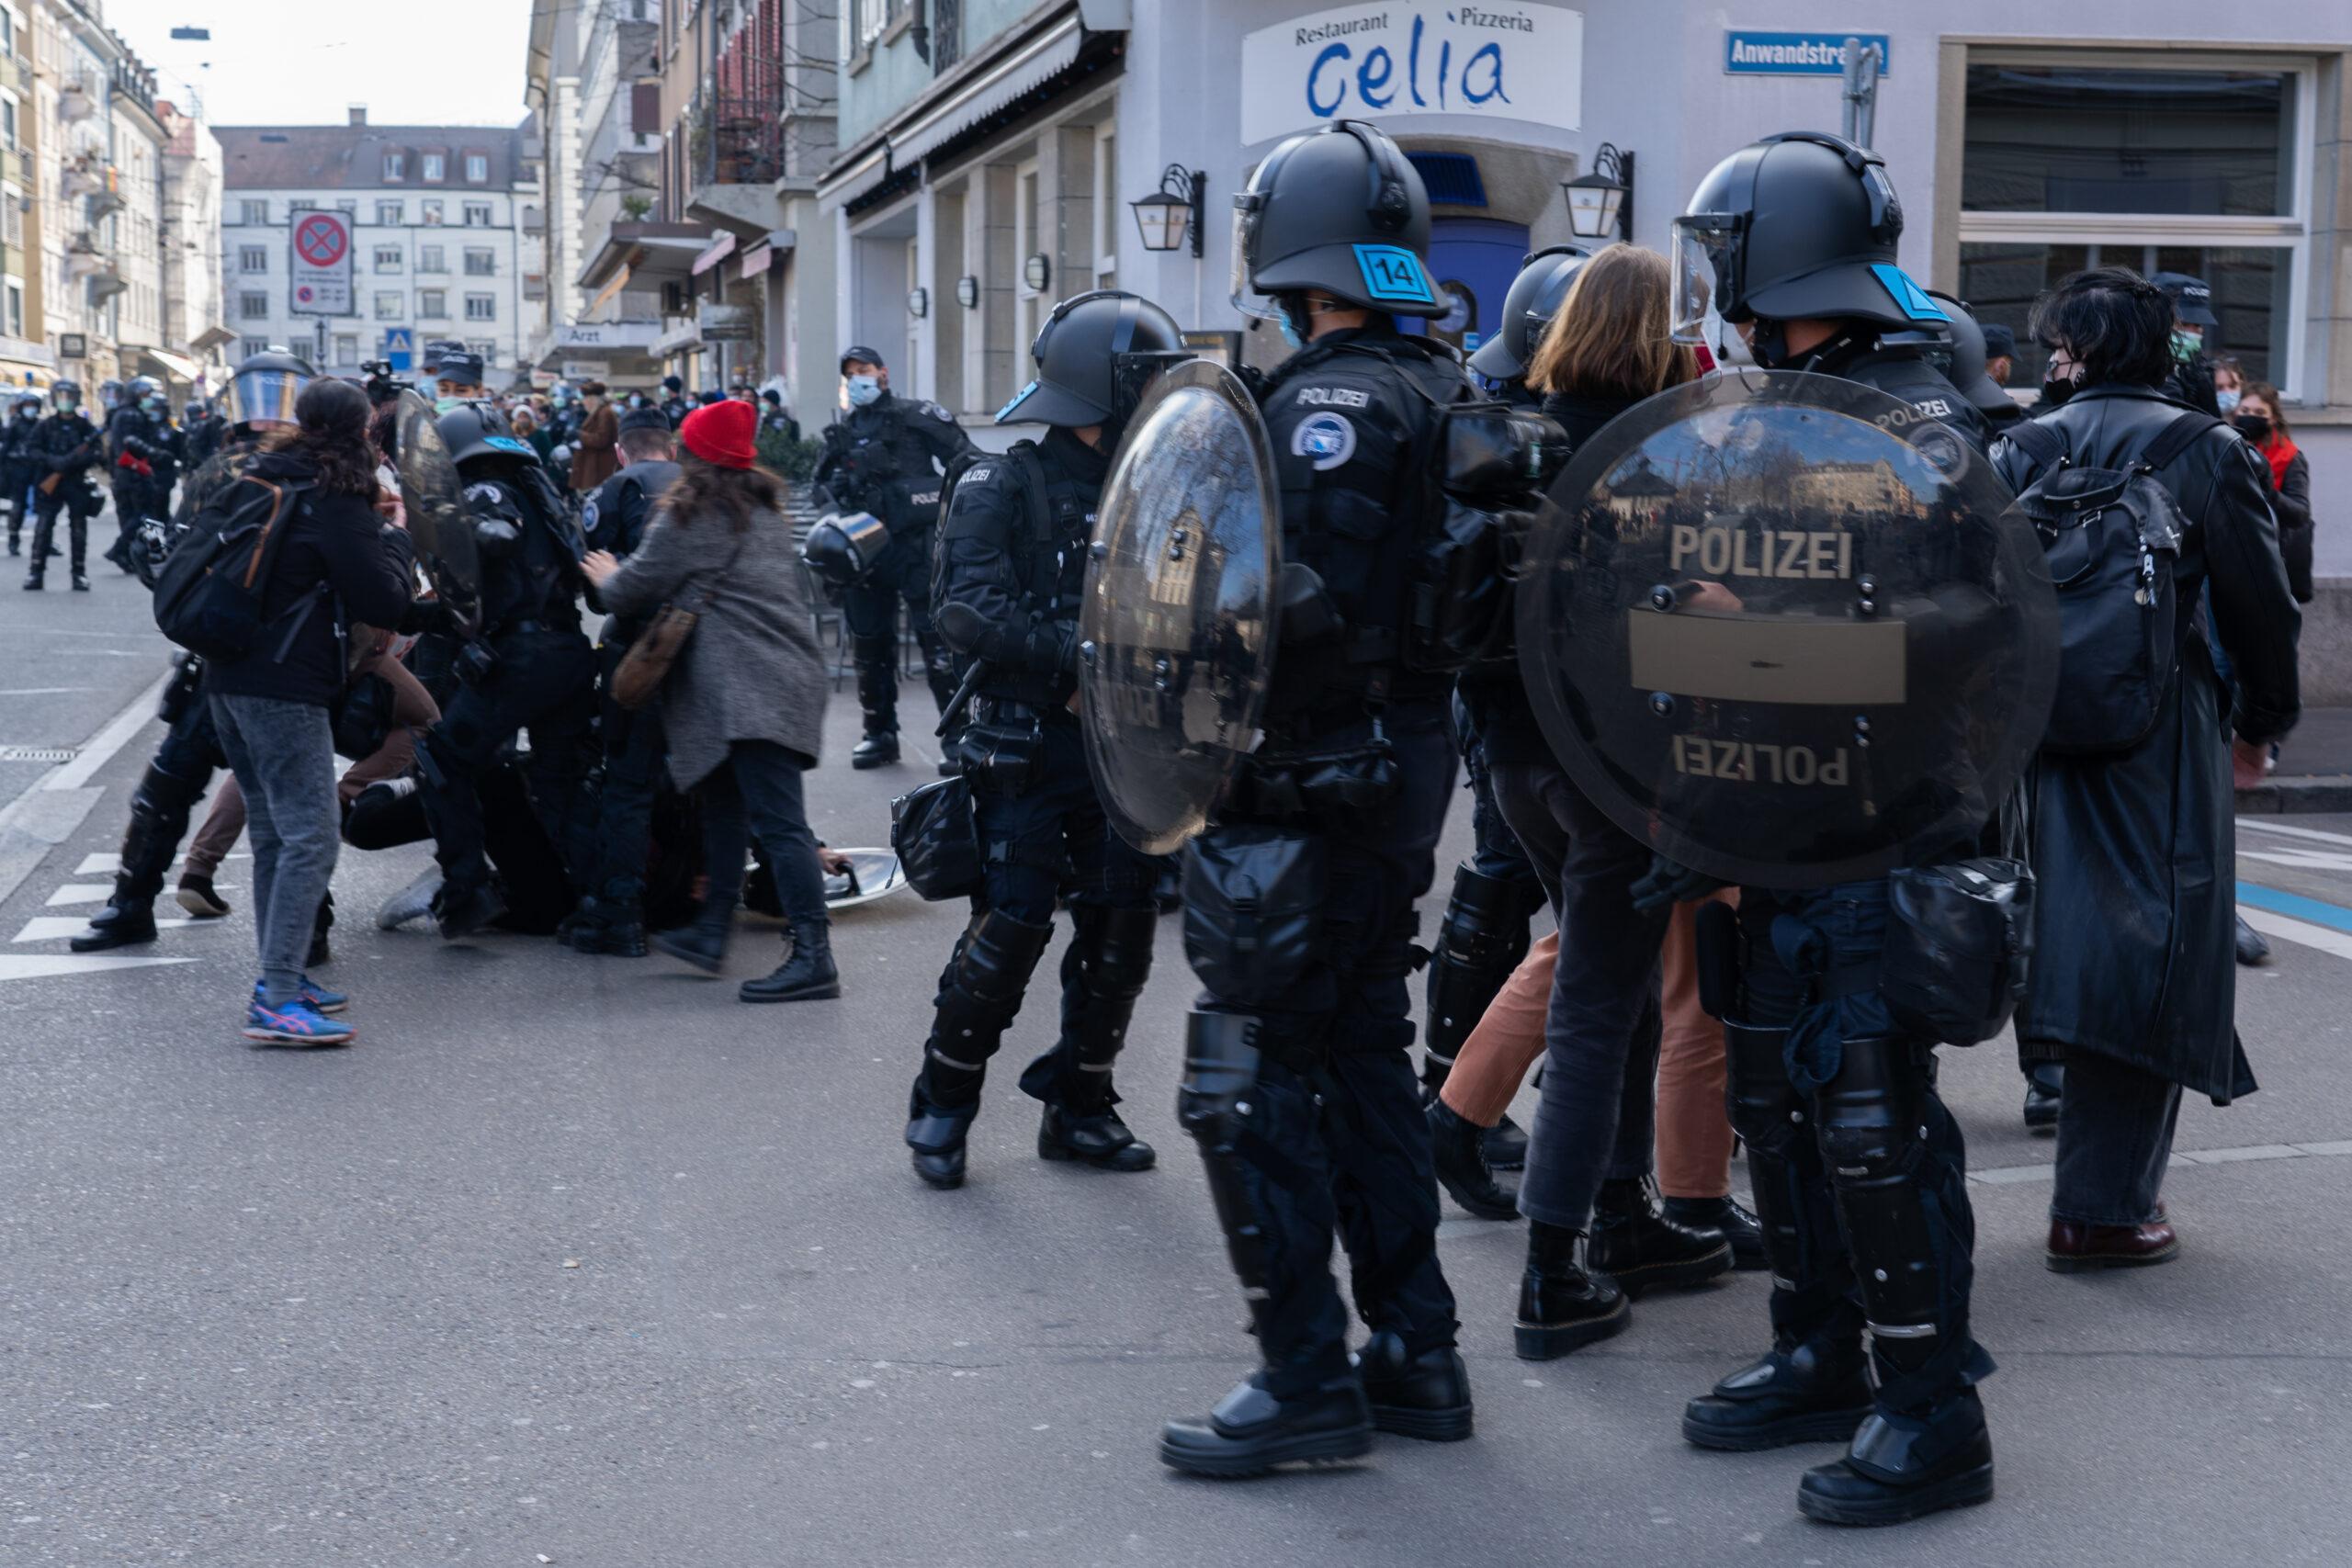 Ein Foto vom 6. März 2021 in Zürich, zwei Gruppen an Polizist_innen eine Gruppe führen Demonstrierende ab die andere Polizeigruppe drückt ein:e Aktivist:in zu Boden, andere Aktivist:innen wollen gegen die Polizei Helfen